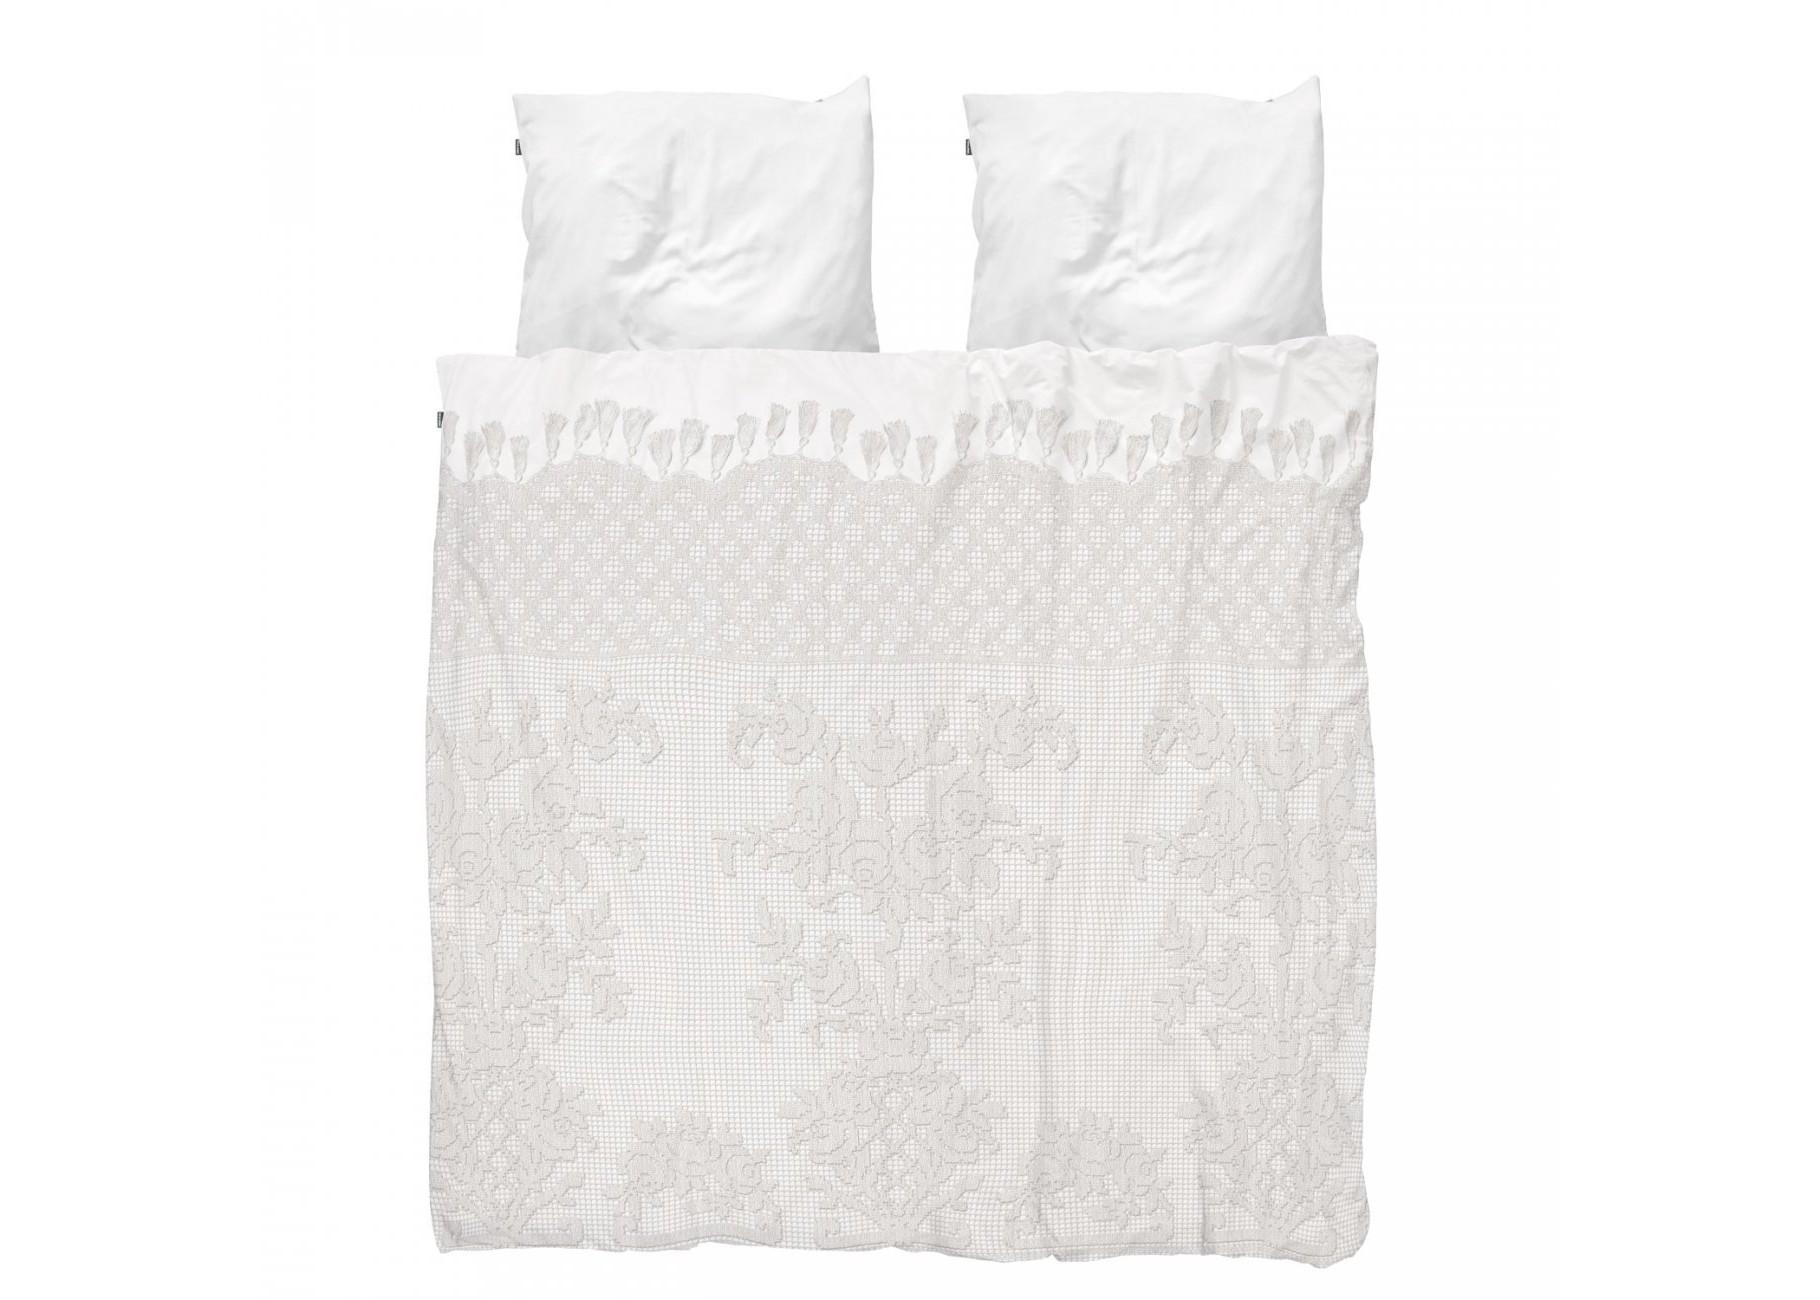 Комплект постельного белья Венецианское кружевоДвуспальные комплекты постельного белья<br>Это винтажное кружево ручной работы послужило свадебным подарком молодой итальянской семье в 1900 году. Теперь и вы сможете наслаждаться этой тончайшей материей, пока будильник не разлучит вас.&amp;amp;nbsp;&amp;lt;div&amp;gt;&amp;lt;br&amp;gt;&amp;lt;/div&amp;gt;&amp;lt;div&amp;gt;Материал: 100% хлопок ПЕРКАЛЬ (плотность ткани 214г/м2).&amp;lt;div&amp;gt;&amp;lt;span style=&amp;quot;line-height: 1.78571;&amp;quot;&amp;gt;В комплект входит: пододеяльник 200х220см - 1 шт, наволочка 50х70см - 2 шт.&amp;lt;/span&amp;gt;&amp;lt;br&amp;gt;&amp;lt;/div&amp;gt;&amp;lt;/div&amp;gt;<br><br>Material: Хлопок<br>Ширина см: 200